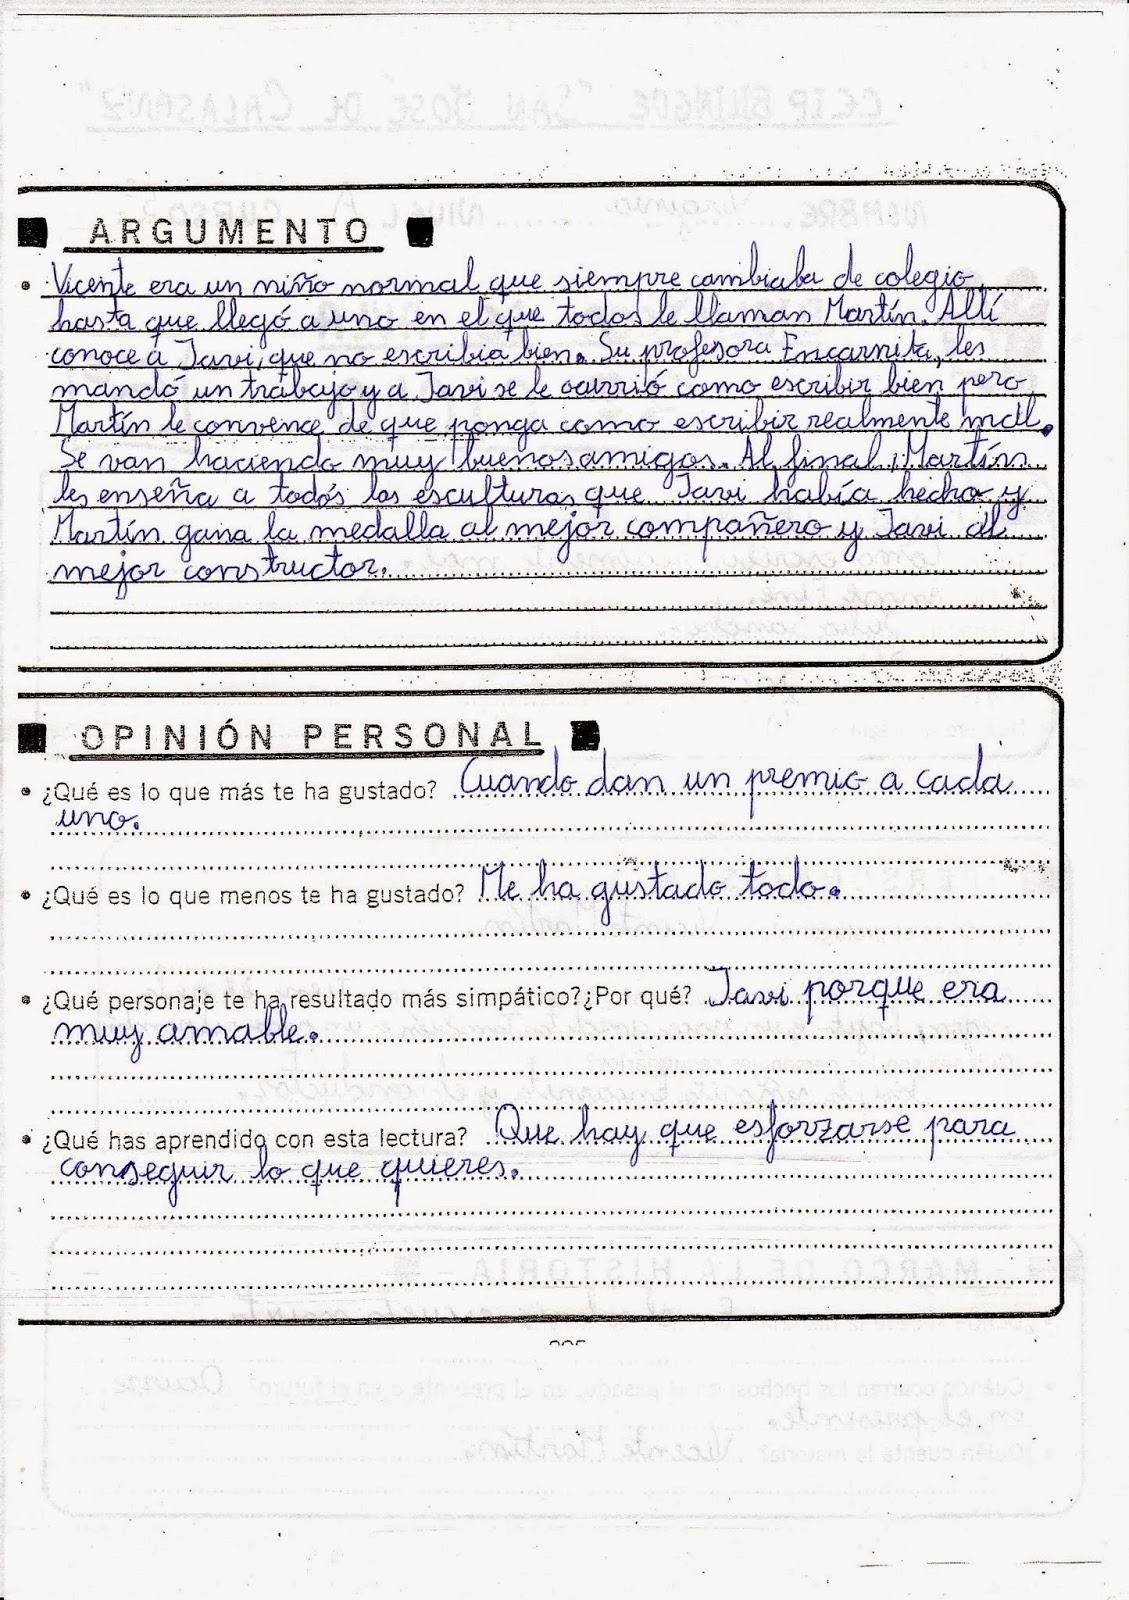 LEO Y SUS AMIGOS LOS LIBROS: octubre 2013